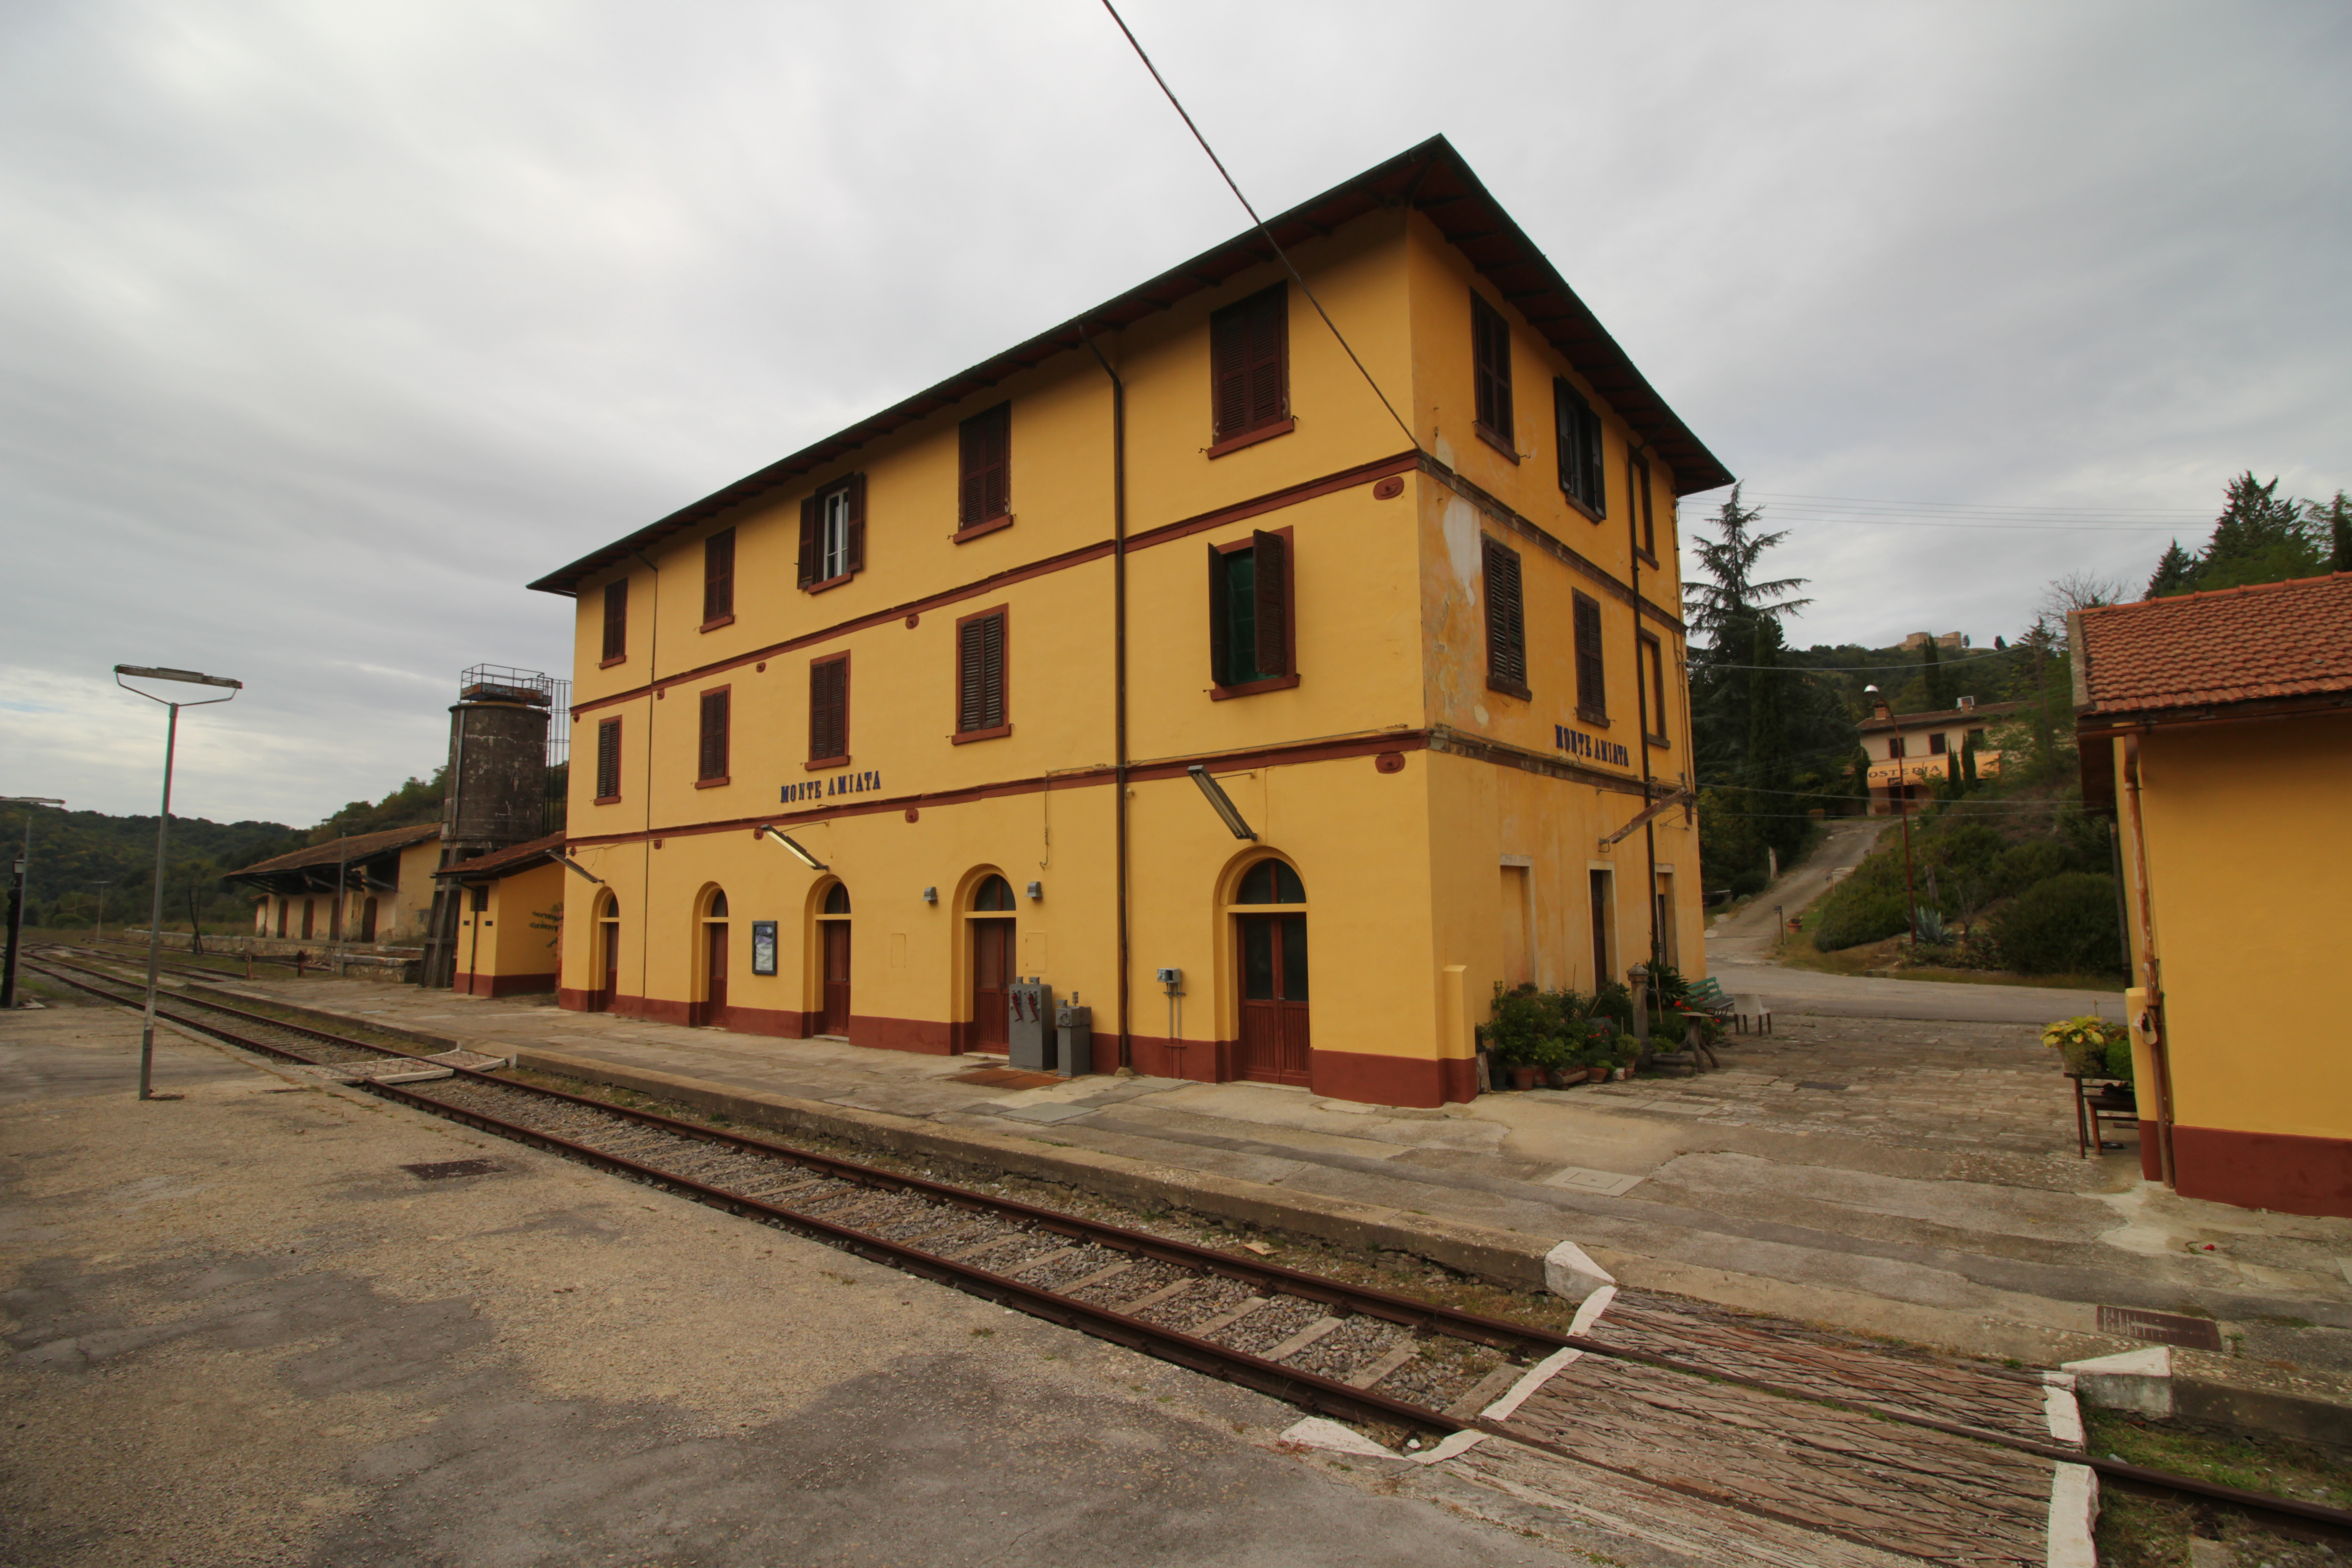 Stazione di Monte Amiata.jpg